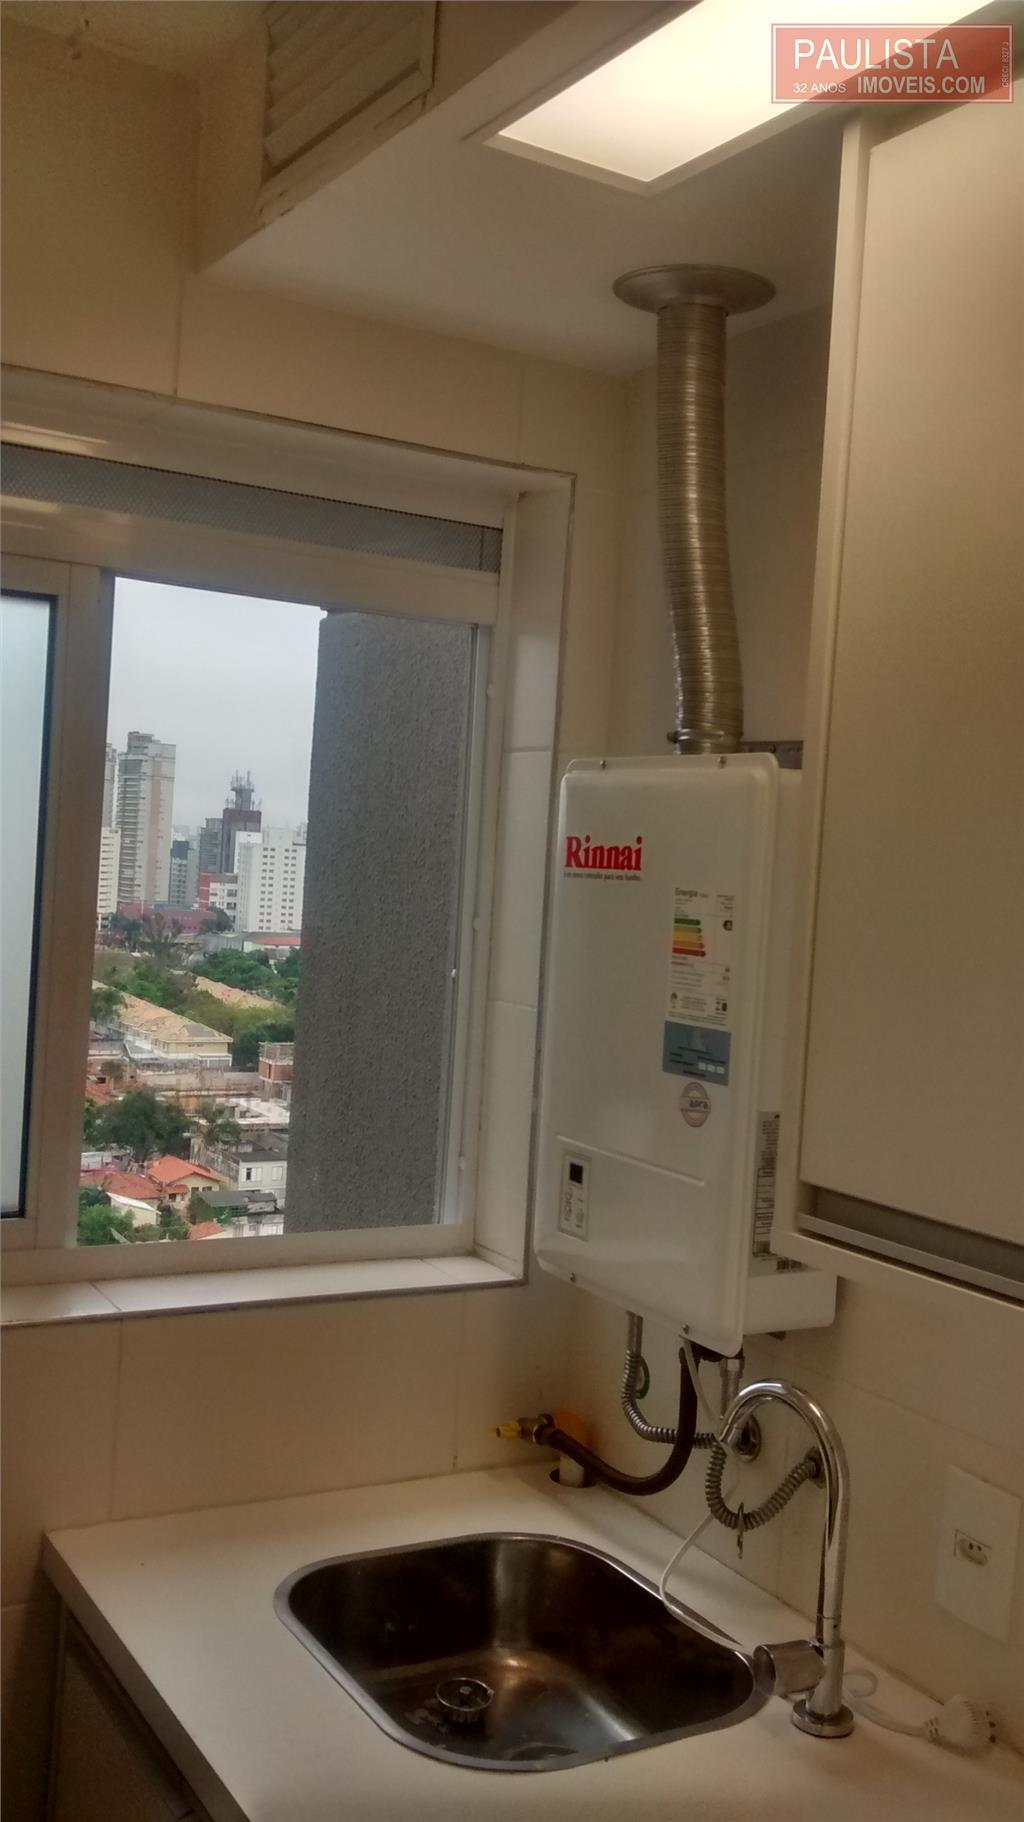 Apto 1 Dorm, Campo Belo, São Paulo (AP12685) - Foto 11